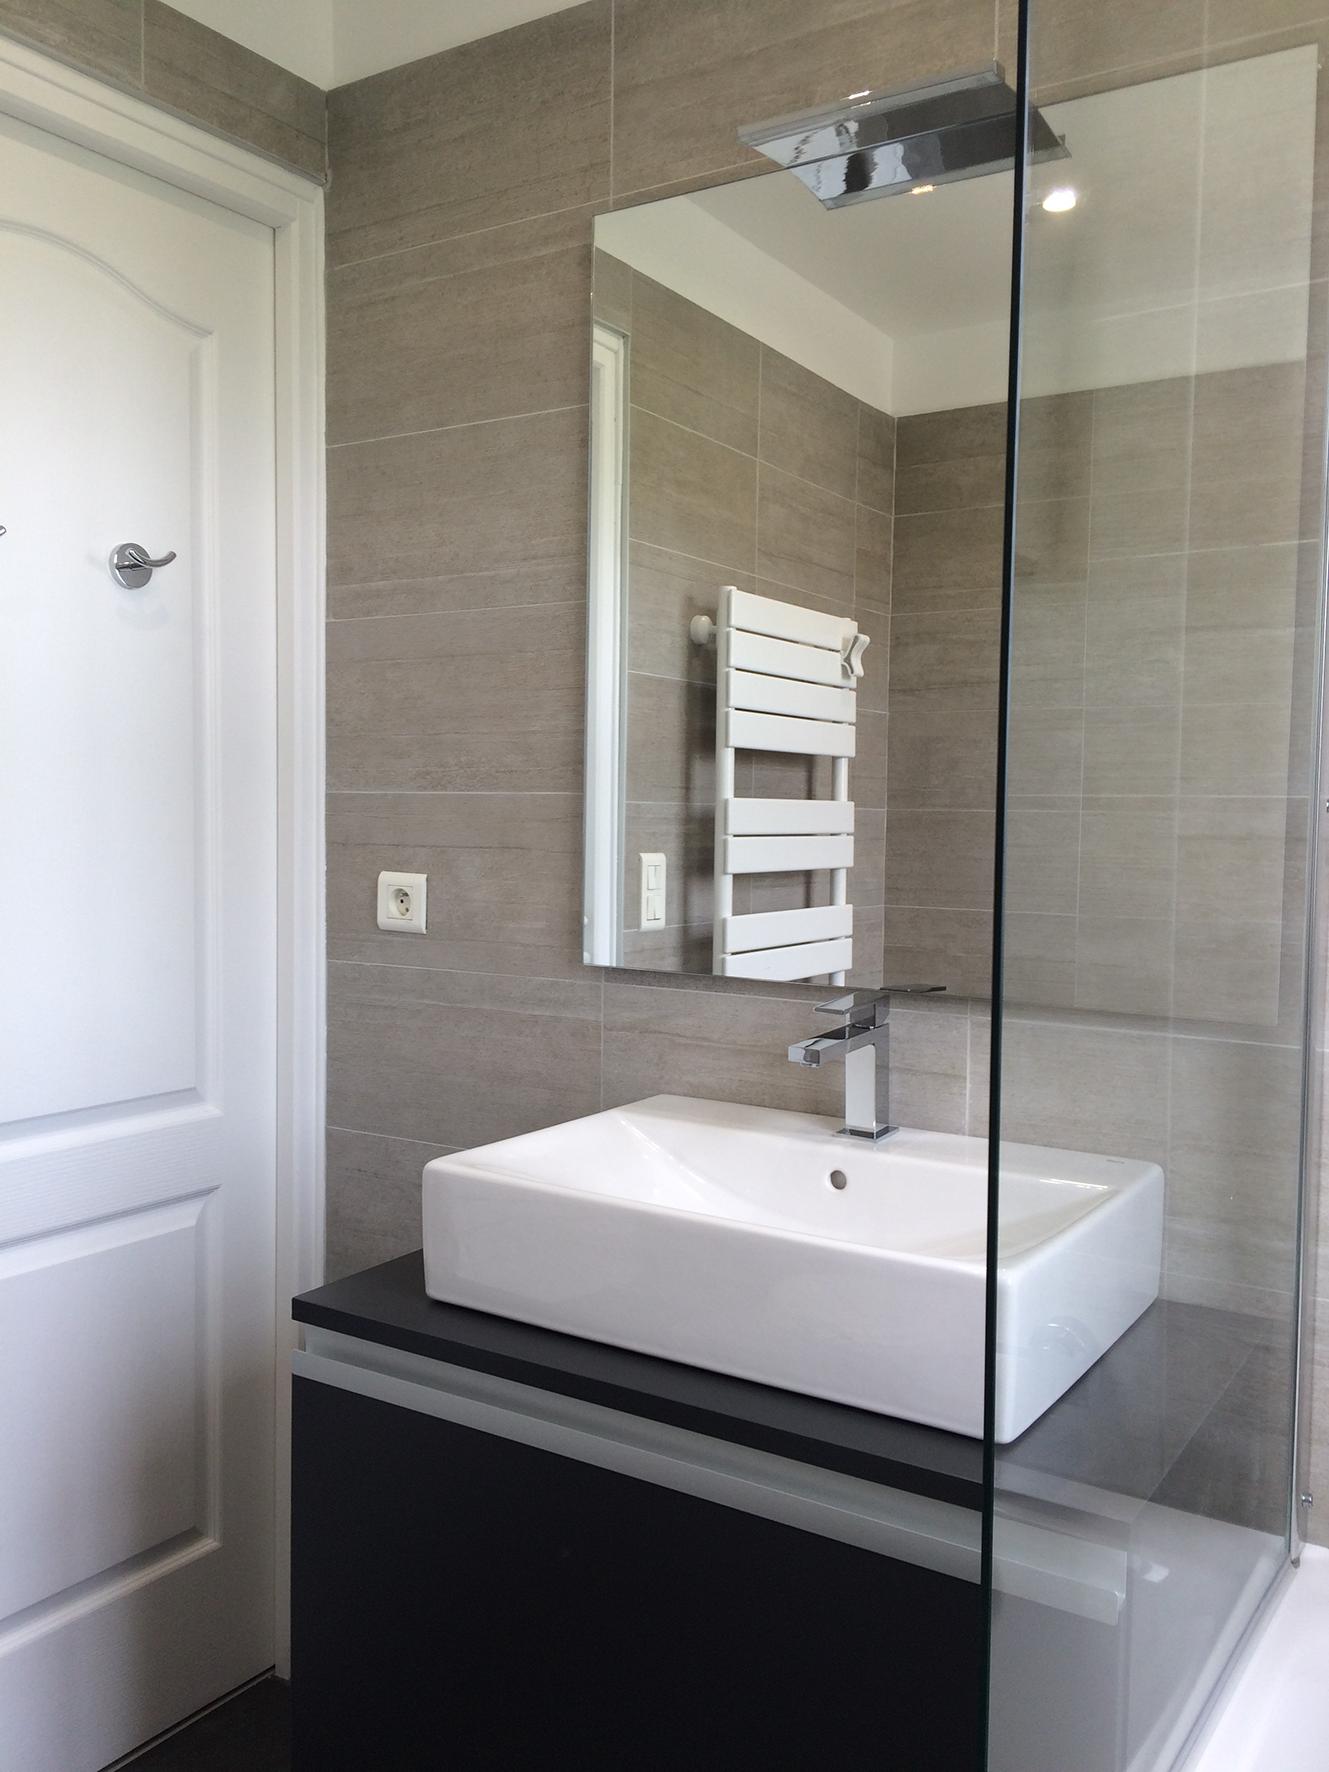 Salle De Bain Realisee Par Nuance D Interieur Lighted Bathroom Mirror Bathroom Mirror Bathroom Lighting